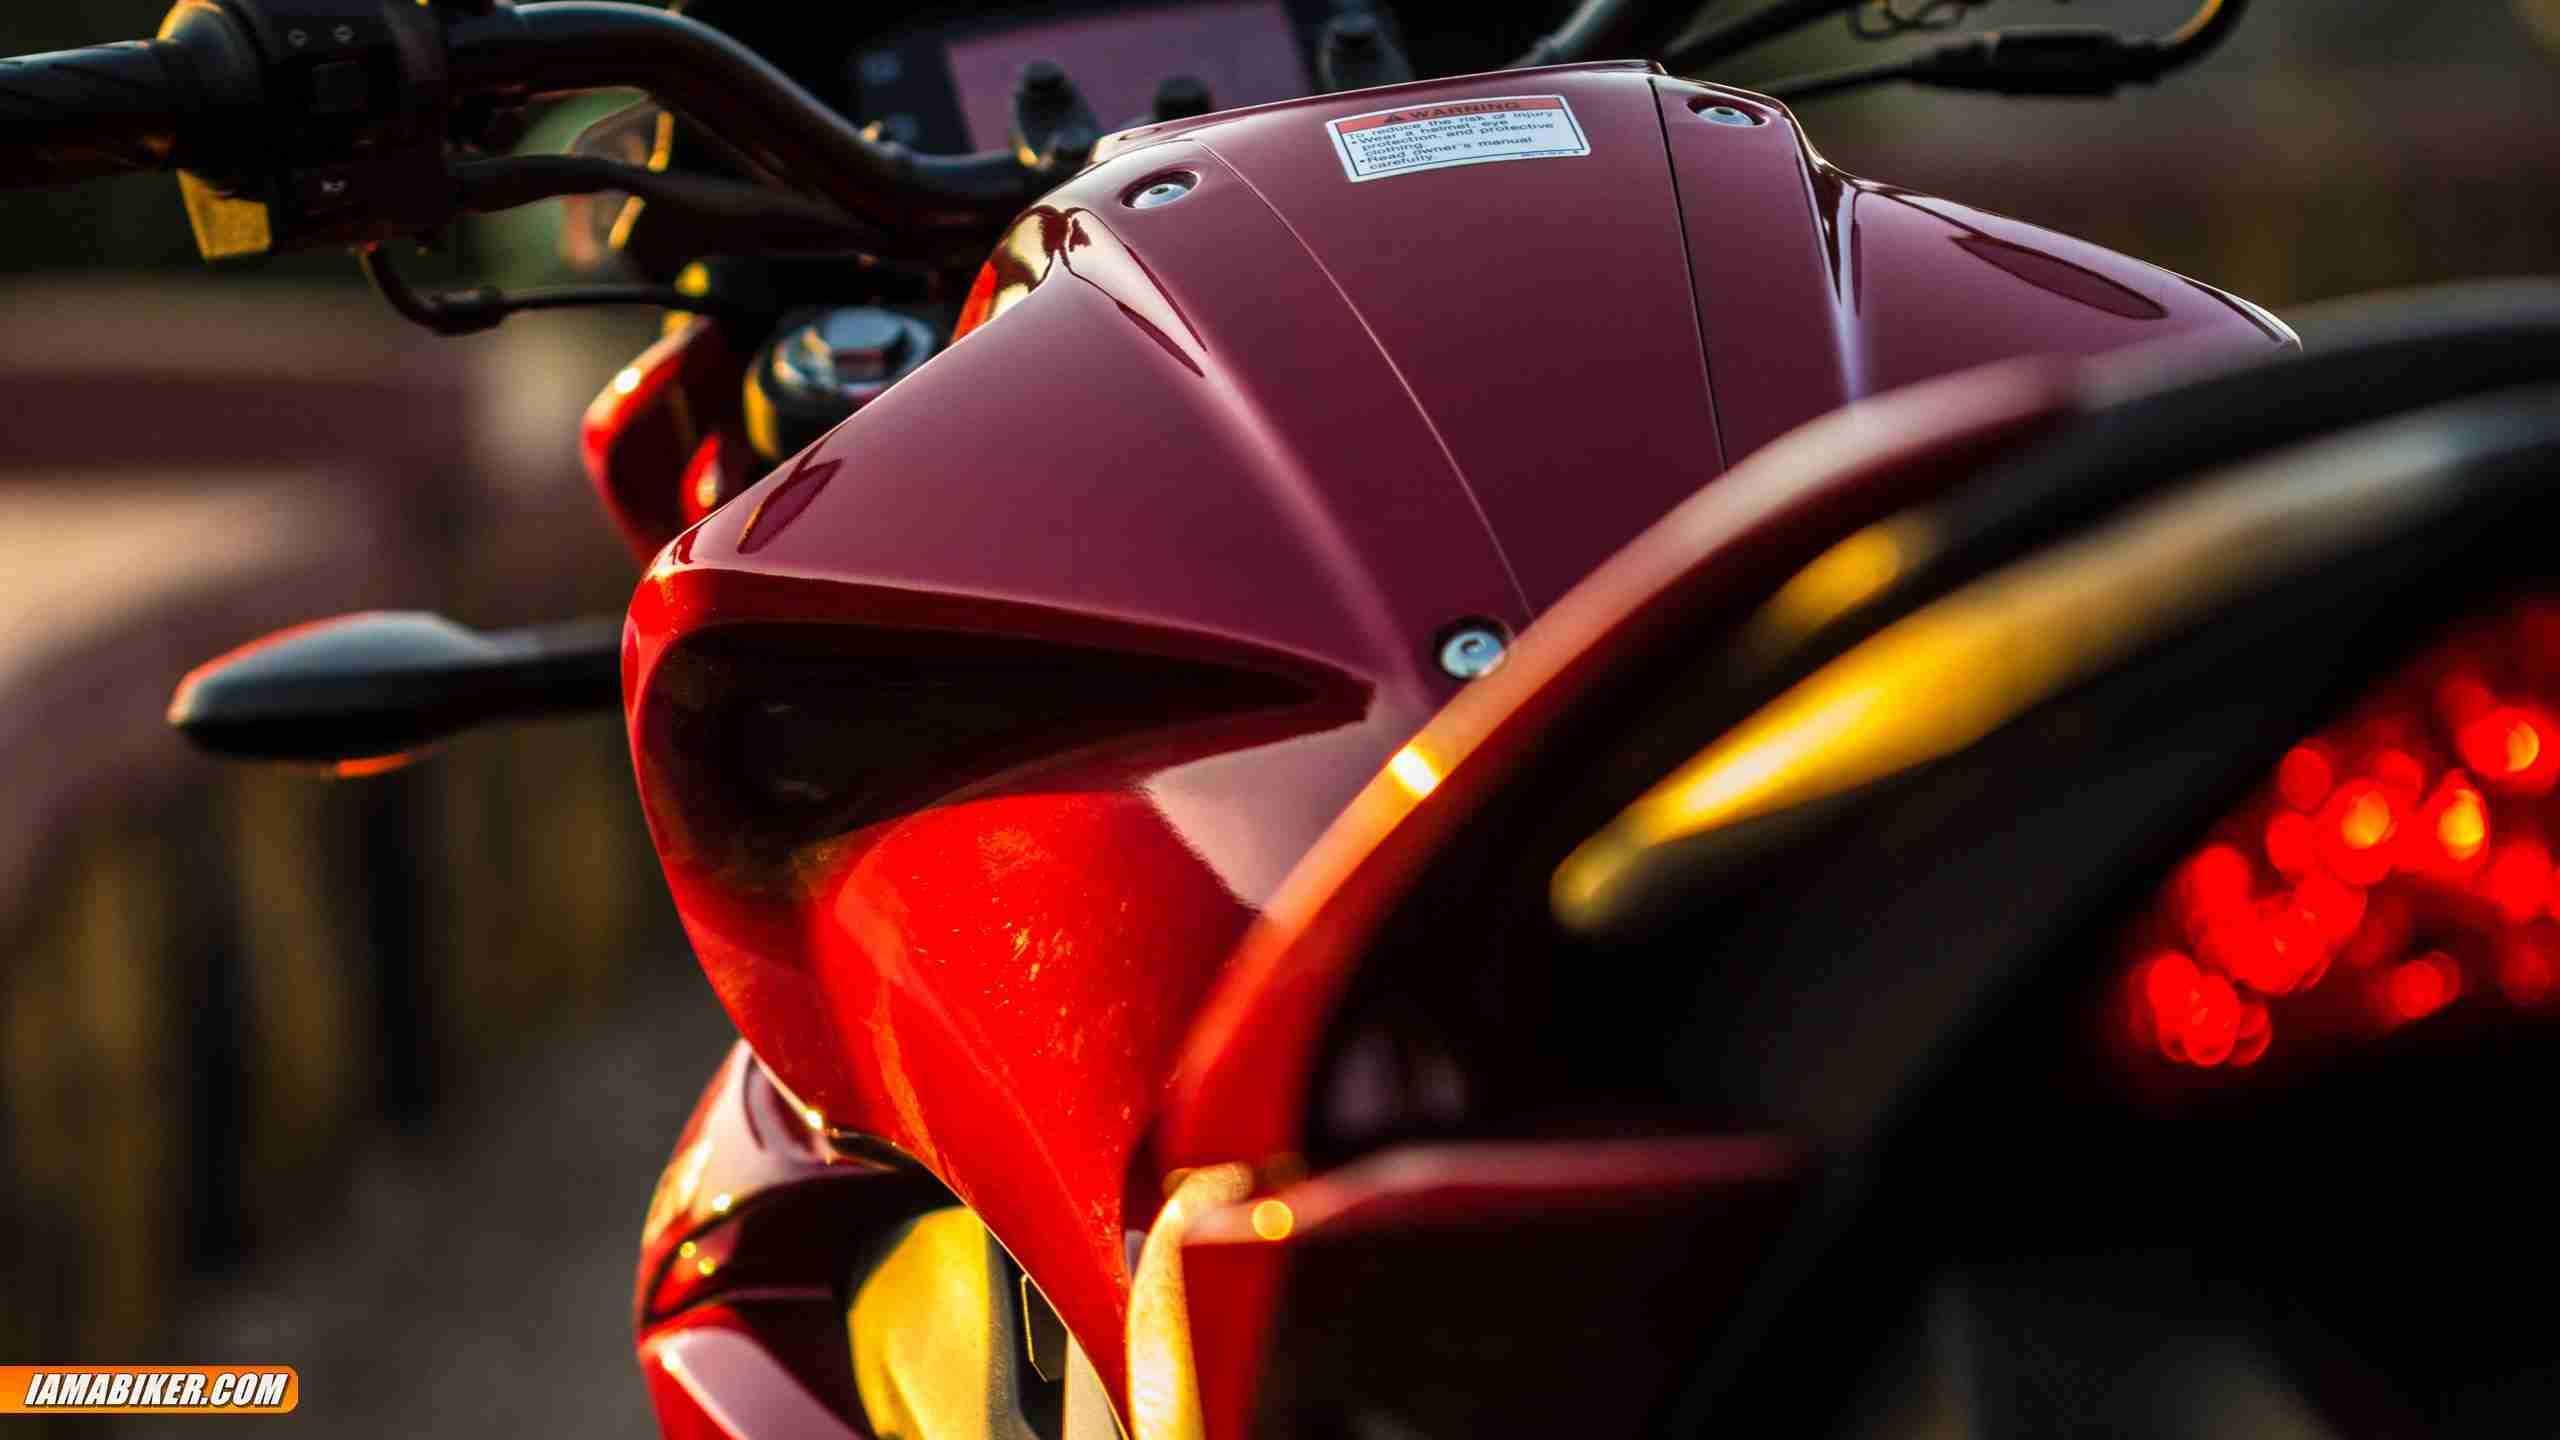 Suzuki Gixxer 155 HD wallpaper